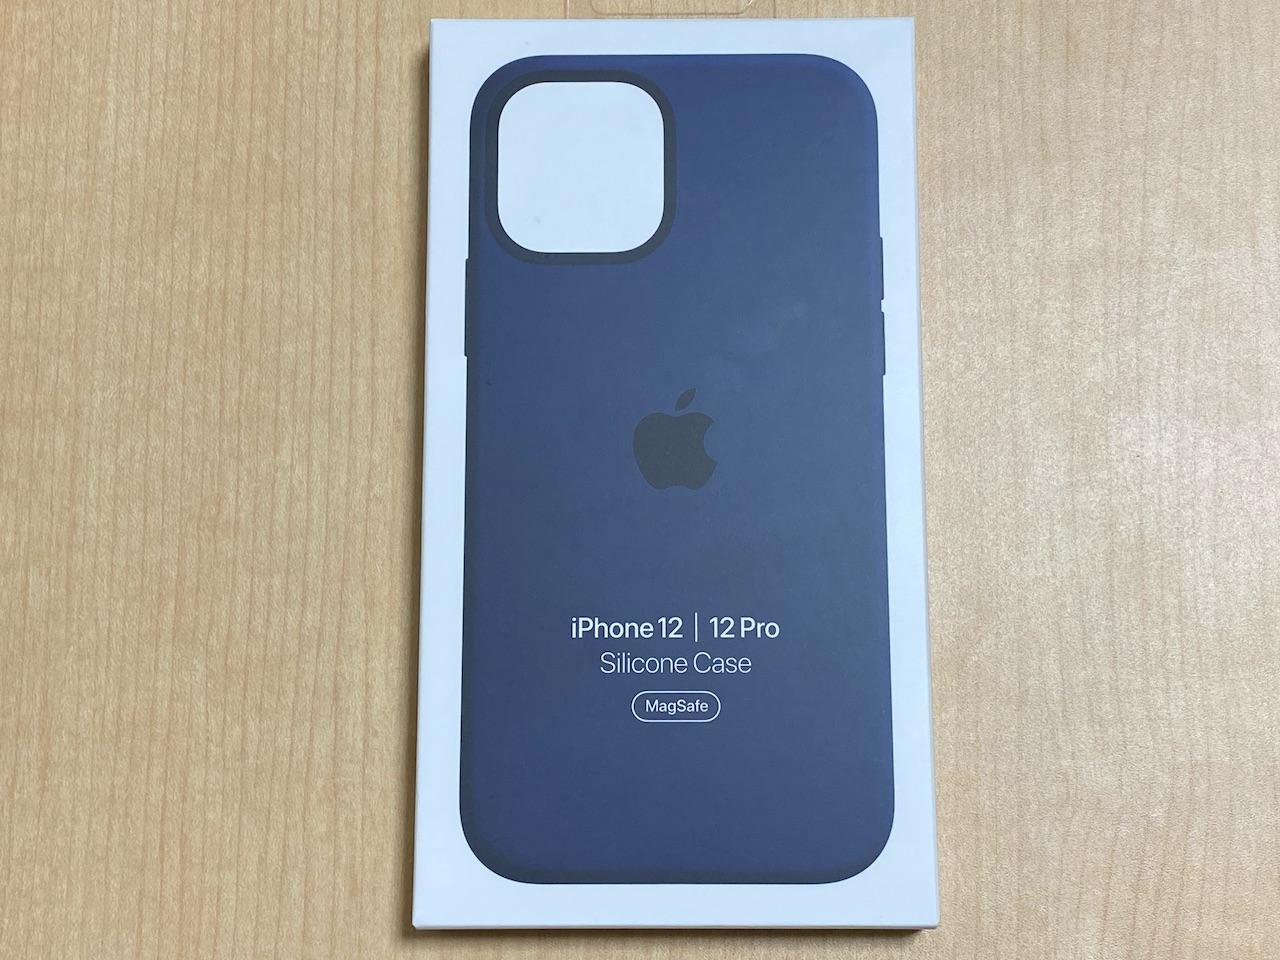 iPhone 12 Apple純正シリコンケース